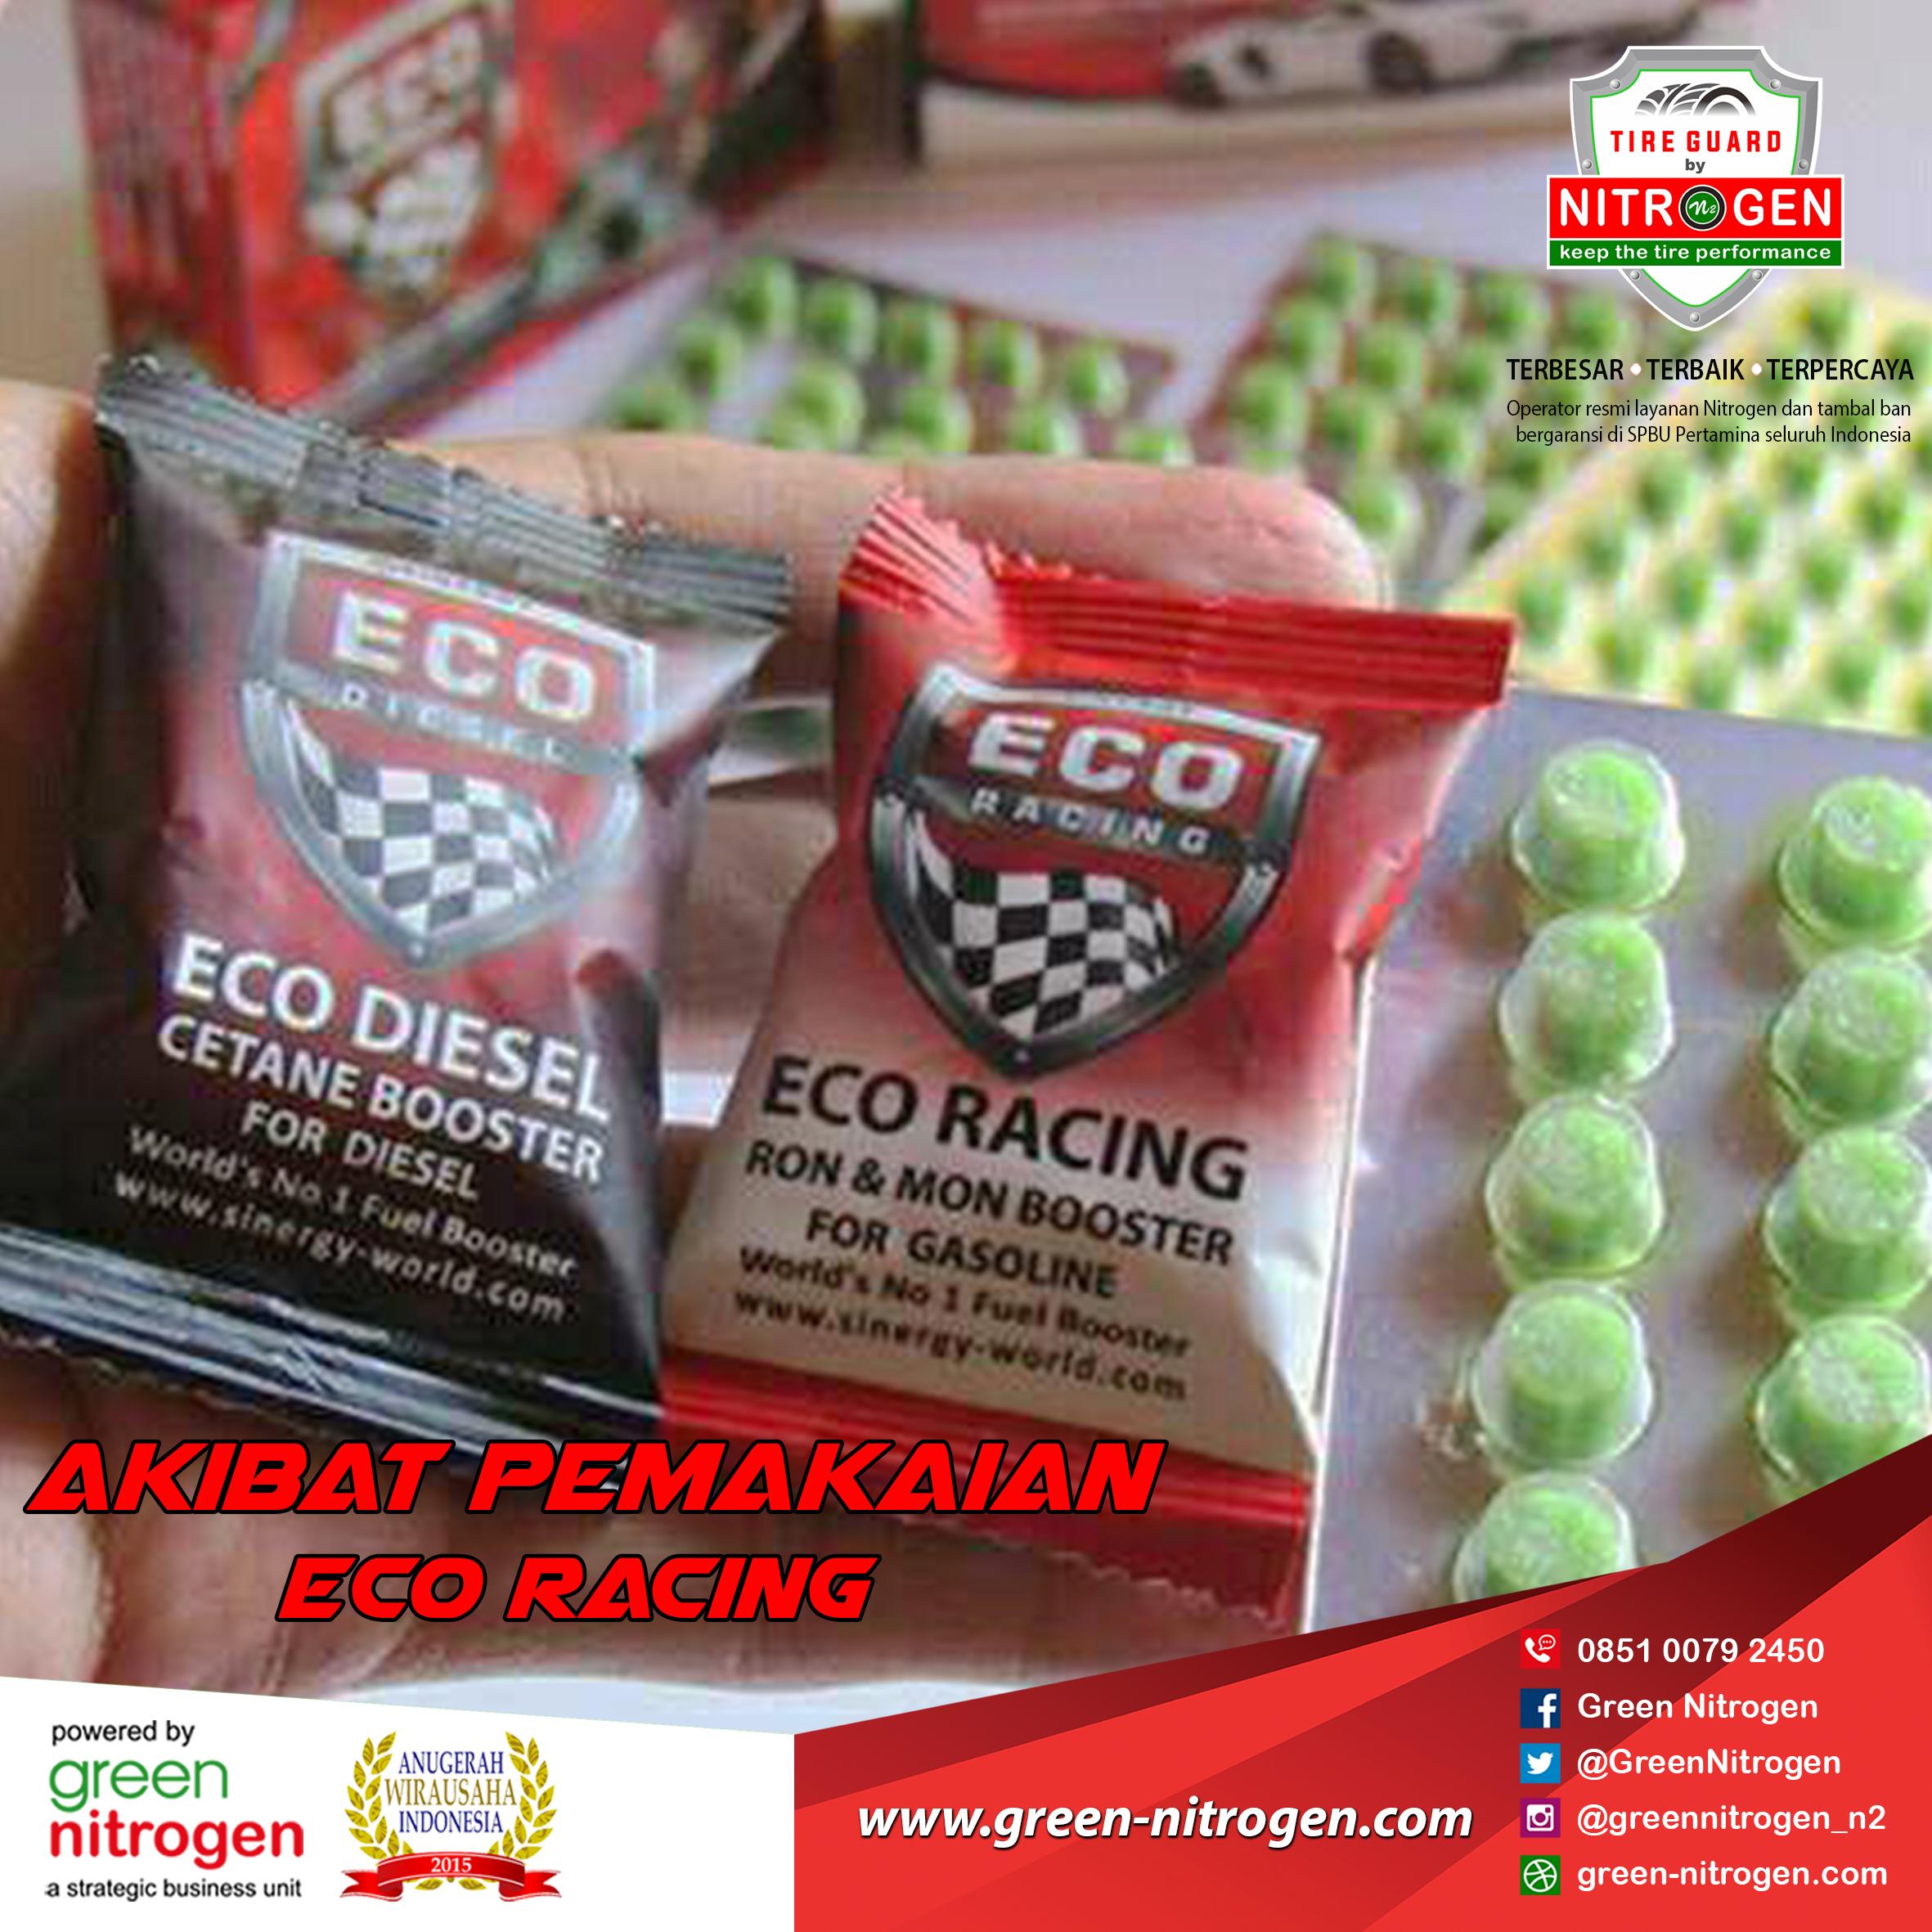 Ini Akibat Pemakaian Eco Racing Pada Kendaraan